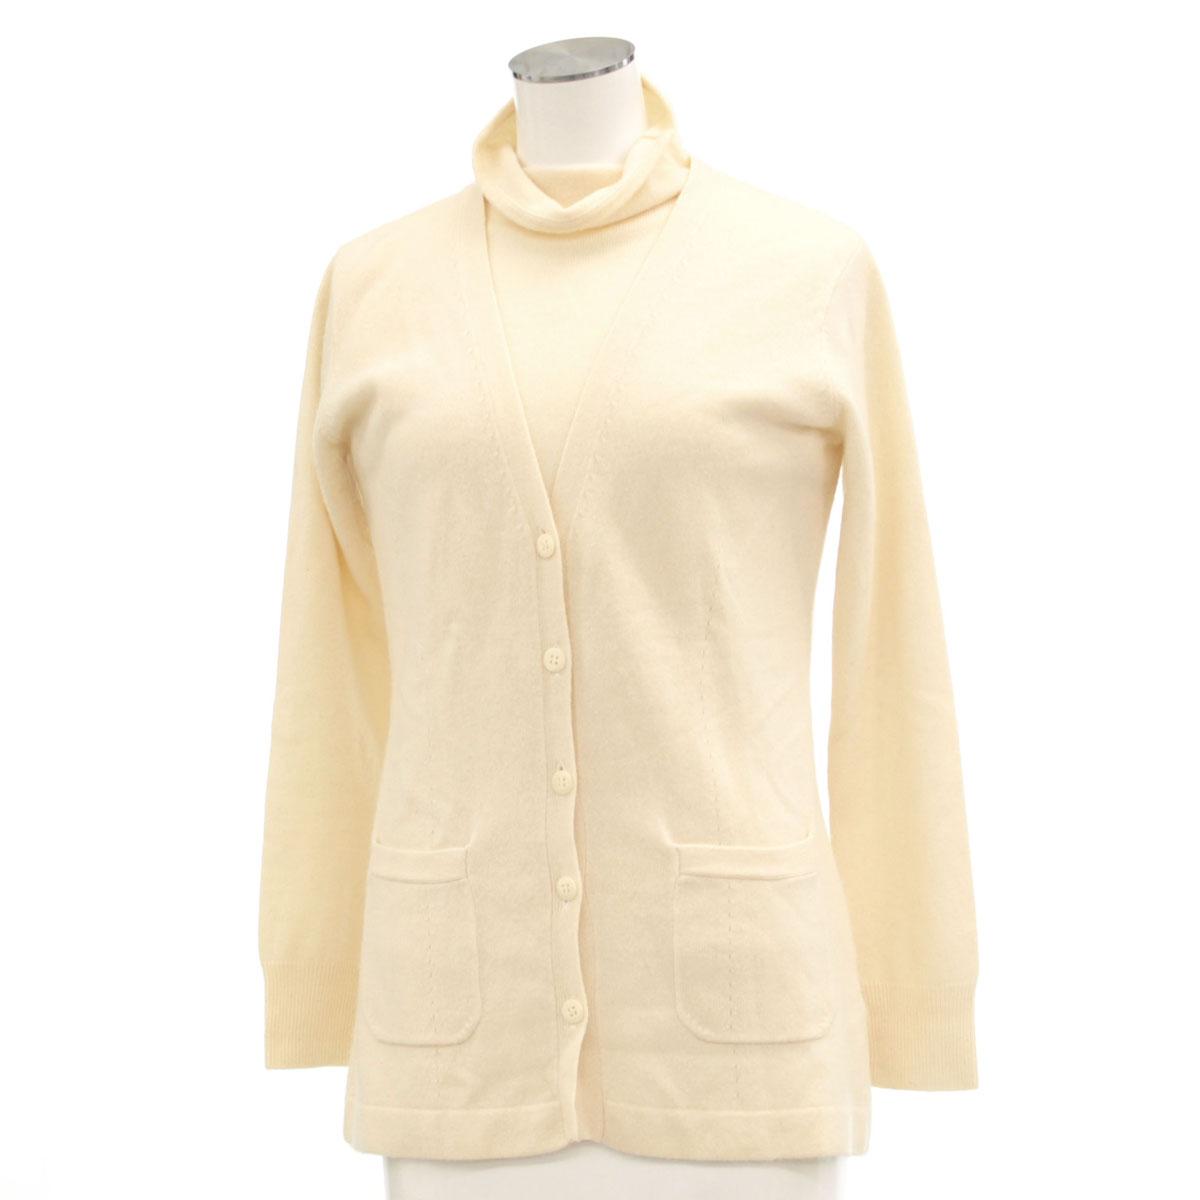 【中古】◆ランバンコレクション アンサンブルニット サイズ38◆ white /白/ホワイト/カシミヤ100%/イタリア製糸使用/レディース/トップス